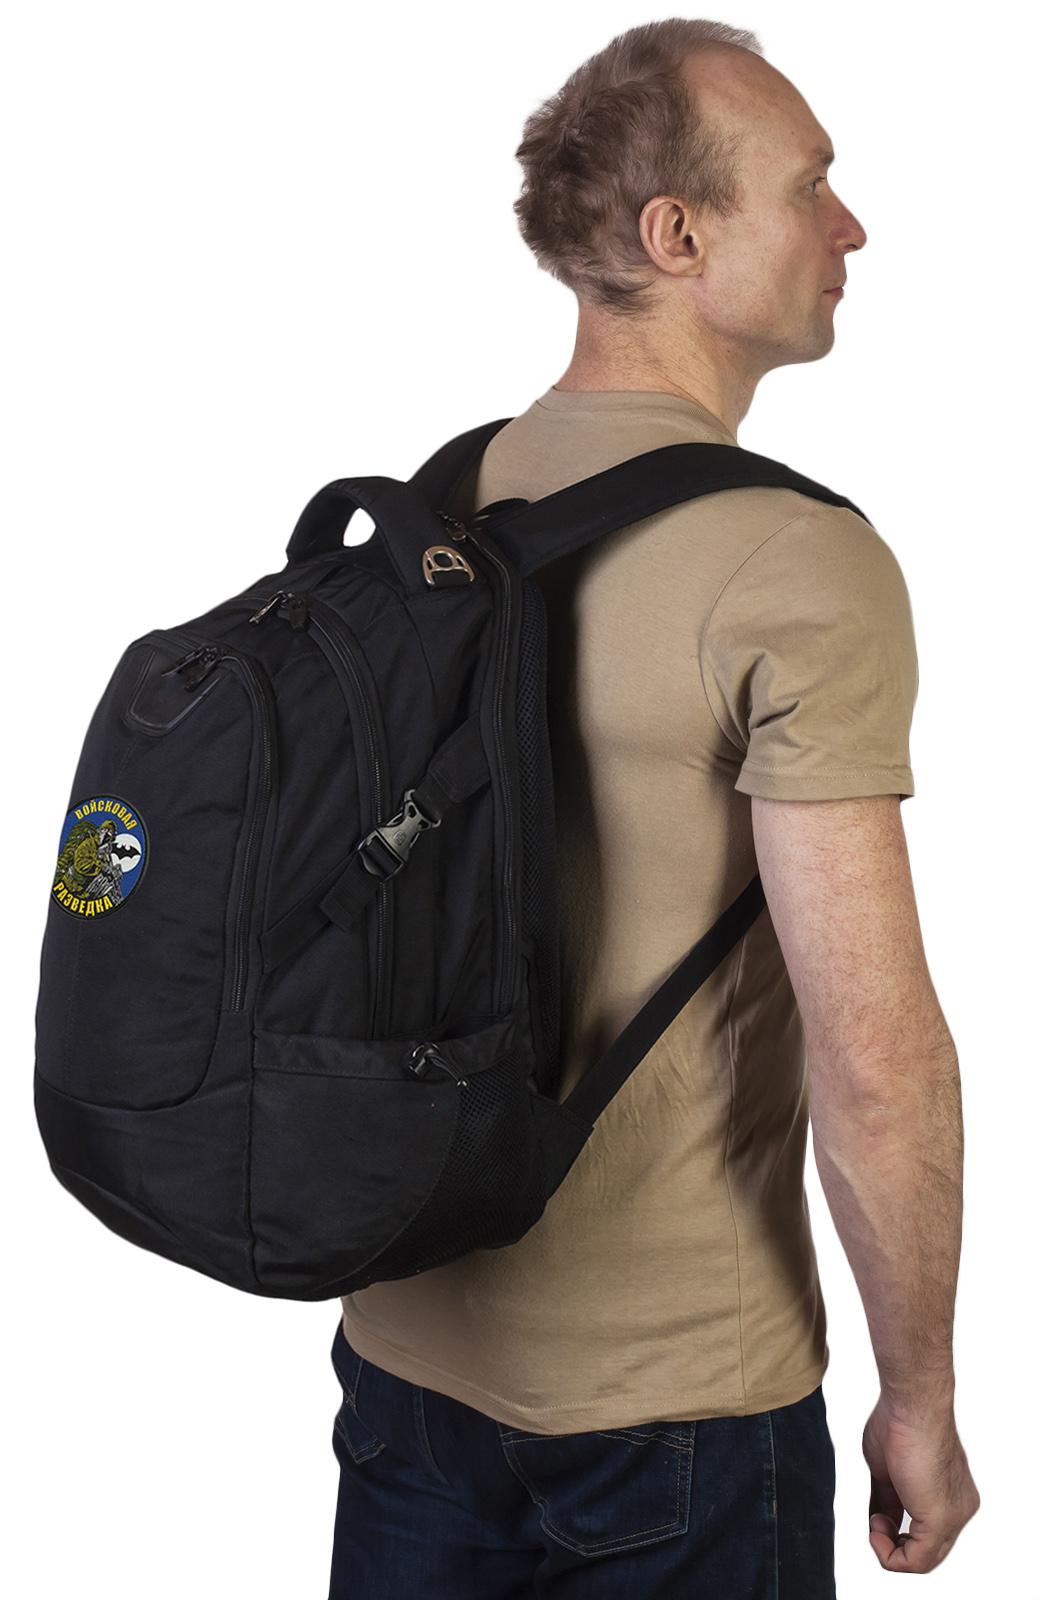 Черный крутой рюкзак с нашивкой Войсковая Разведка - заказать по низкой цене